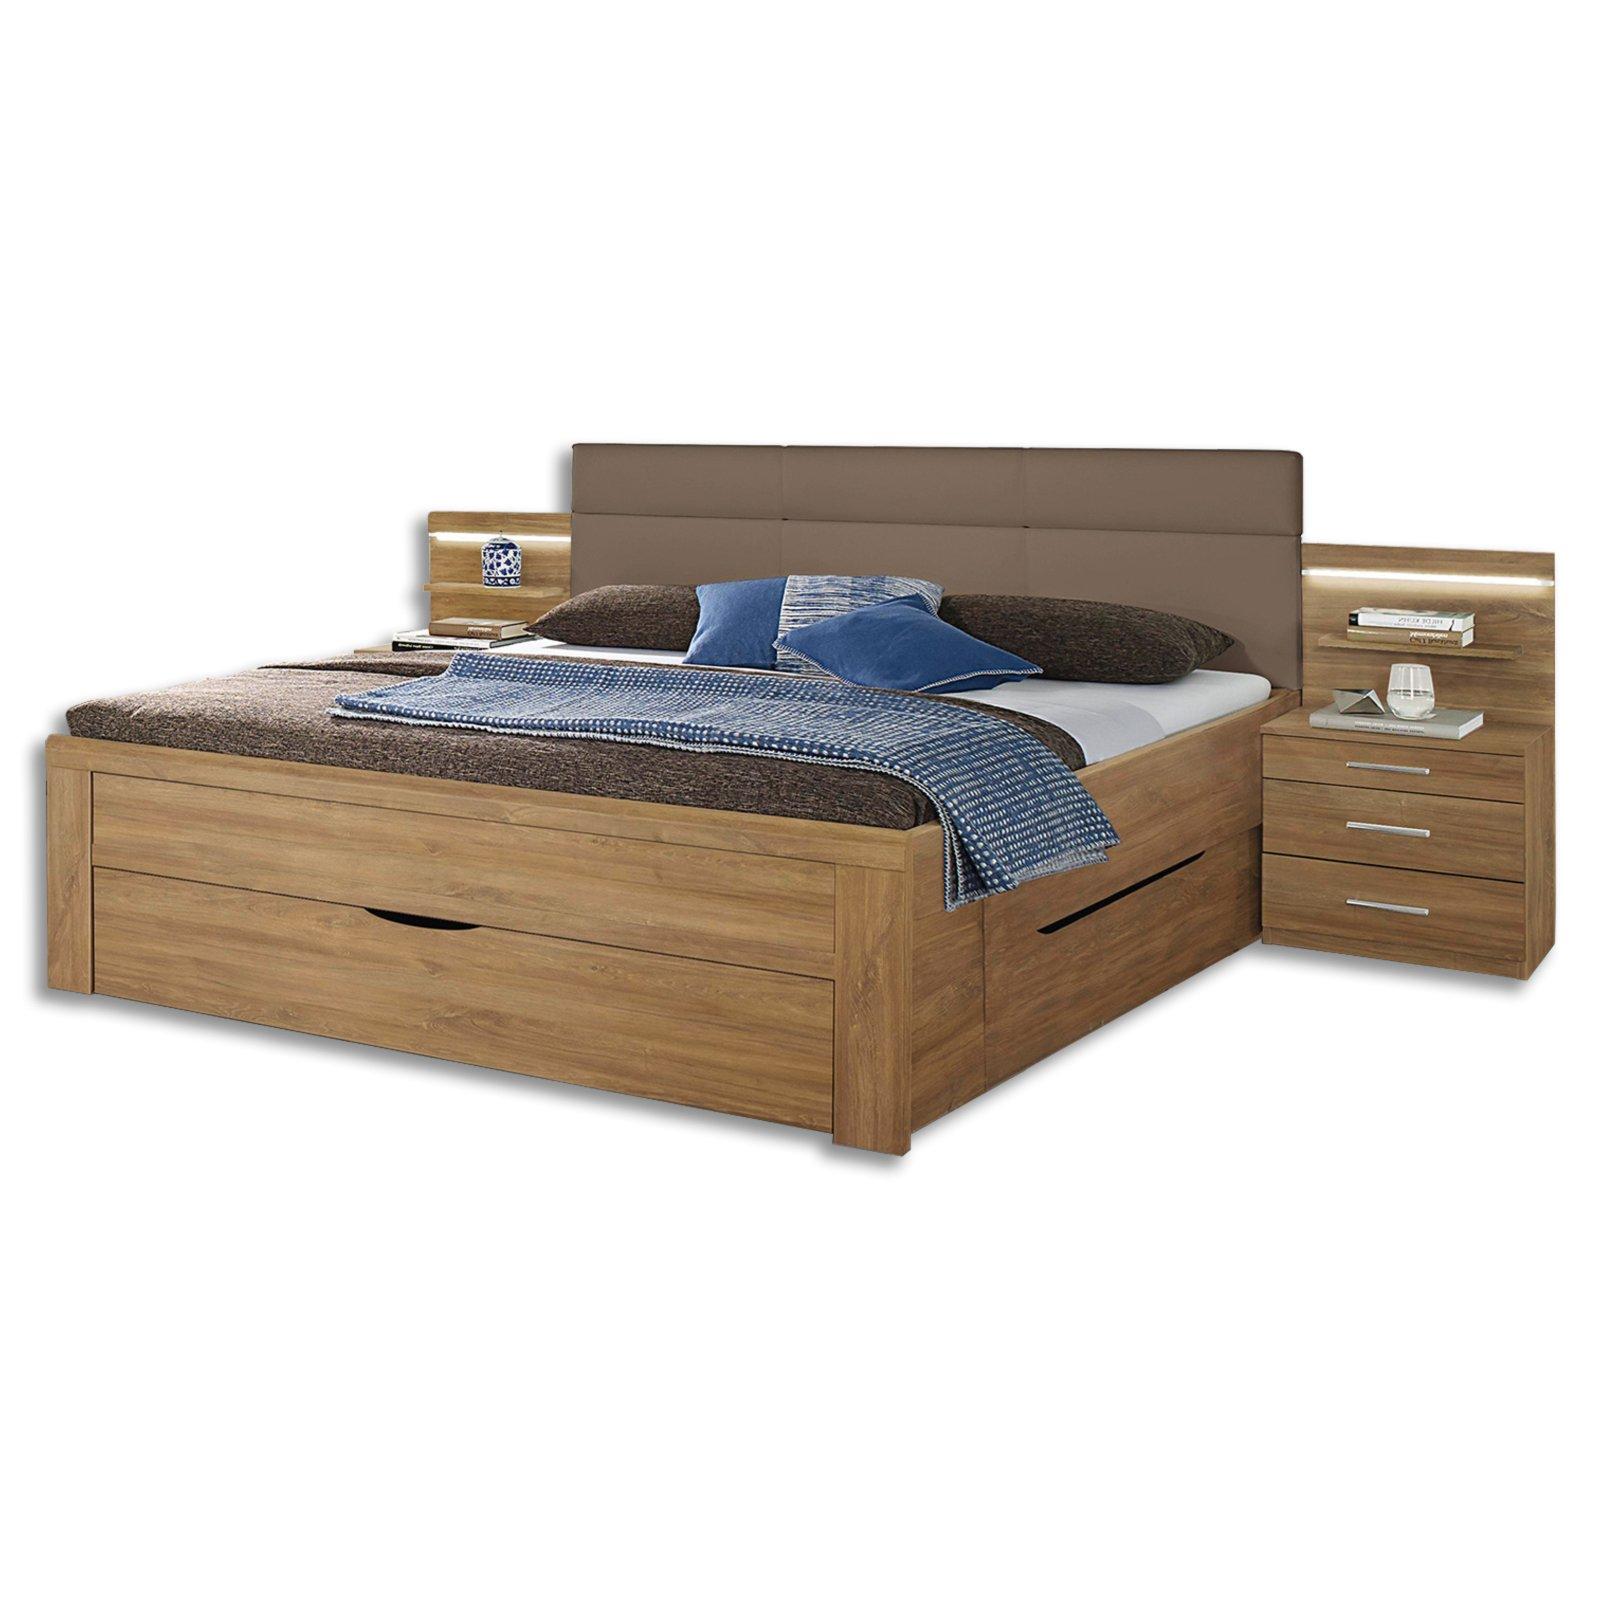 bettanlage karlsruhe eiche riviera nachbildung 180x200 cm bettgestelle betten m bel. Black Bedroom Furniture Sets. Home Design Ideas